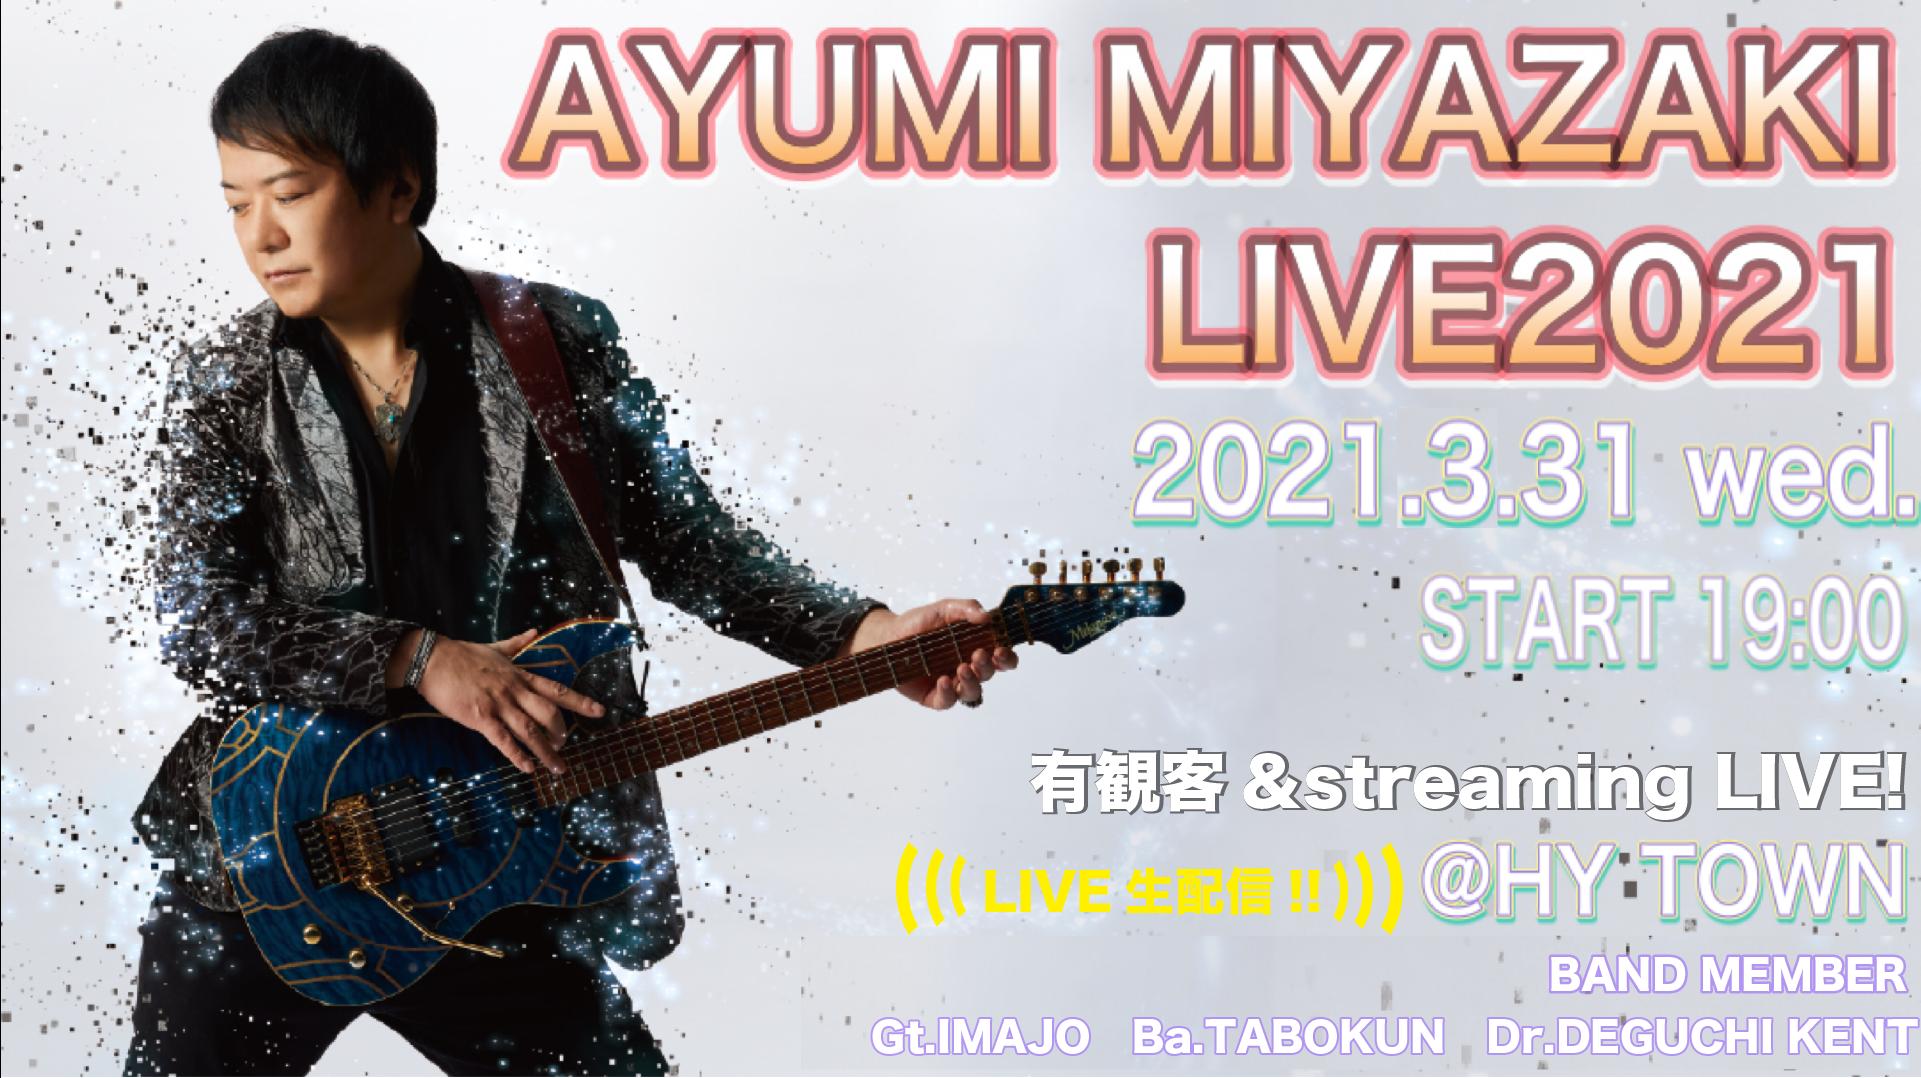 ayumimiyazakilive2021_february14_2021.png